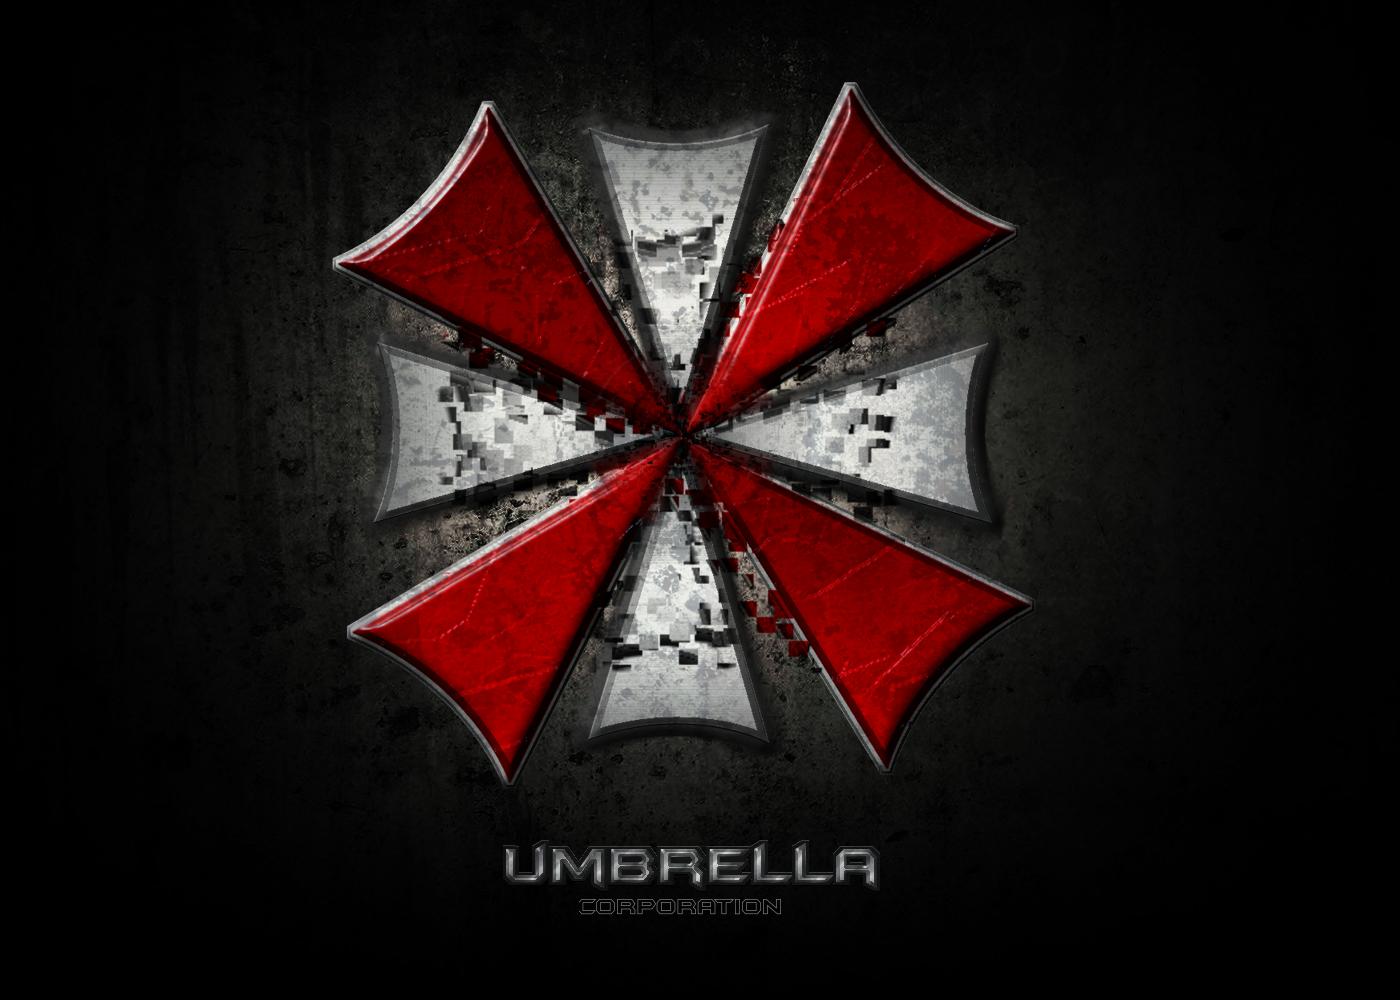 Wallpaper iphone umbrella - Arte Pop Wallpaper Umbrella Corporation